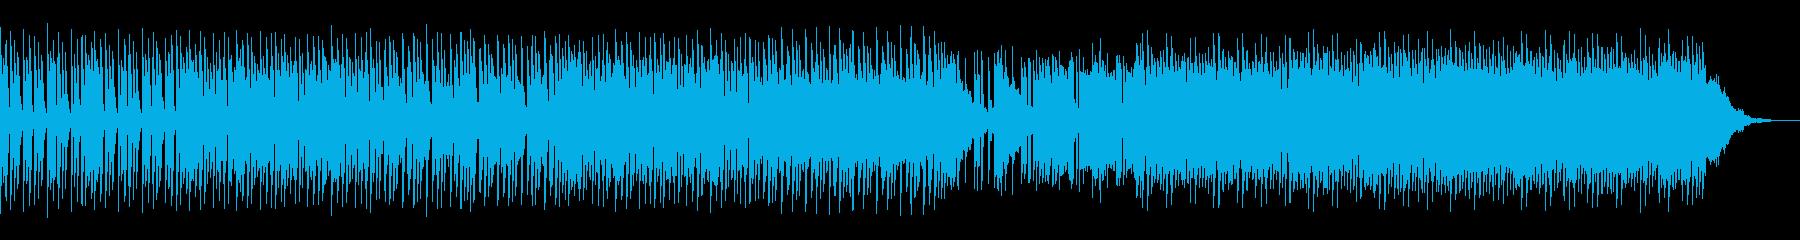 飛び跳ねてるイメージのテクノの再生済みの波形